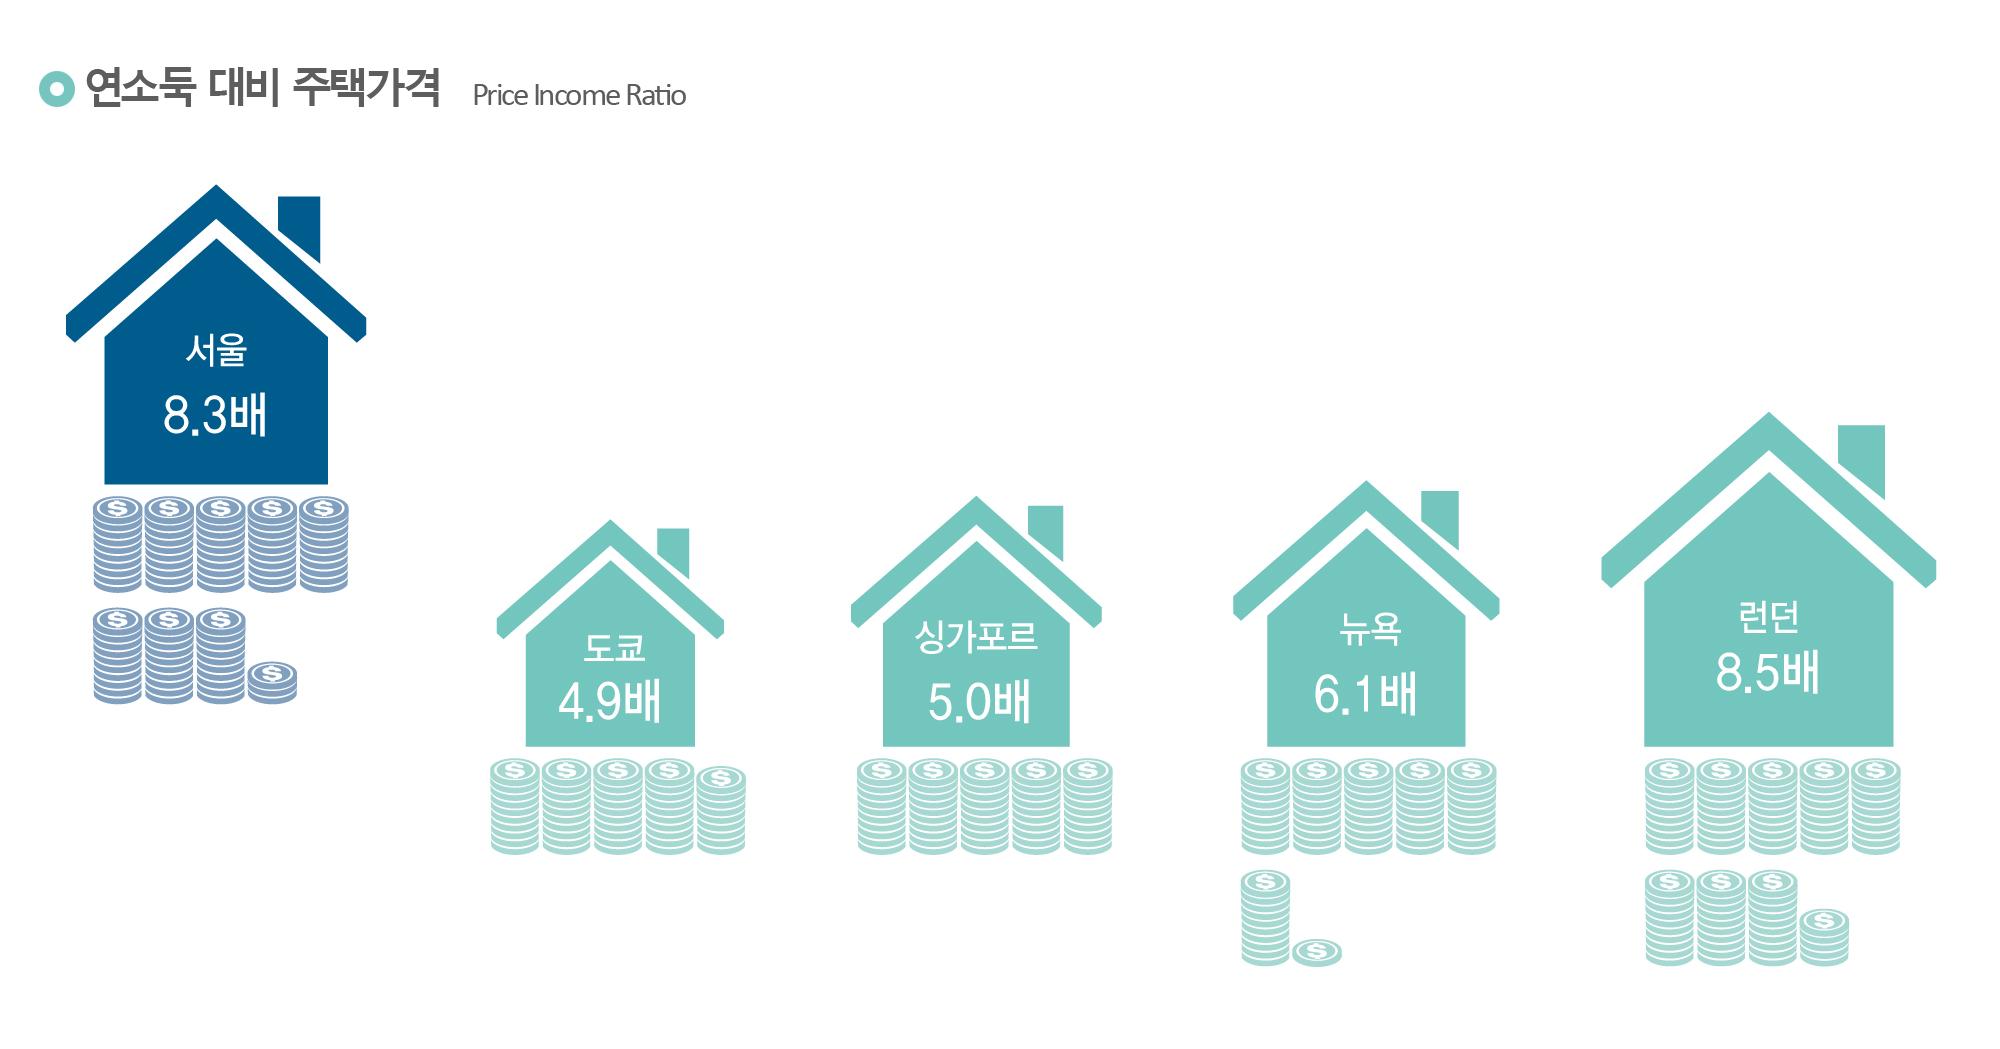 연소득 대비 주택가격